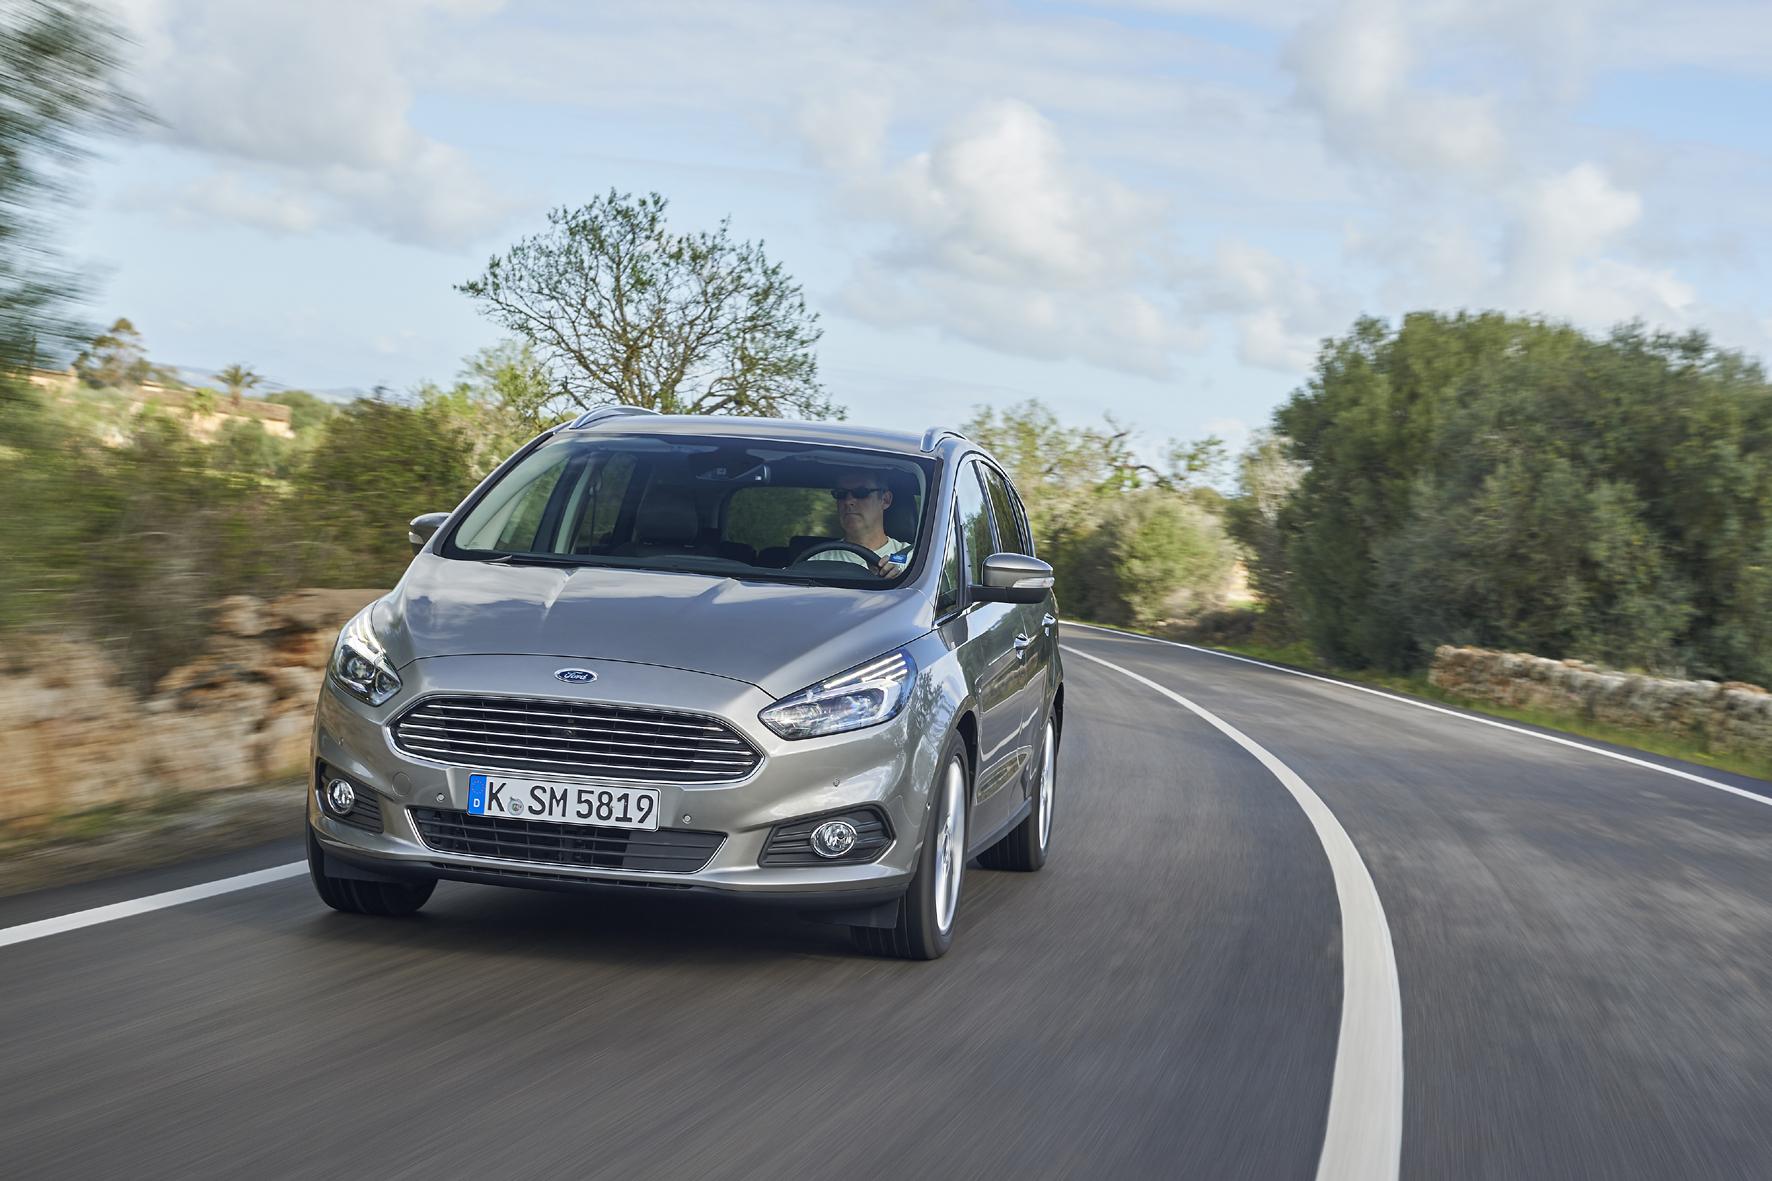 Mit dem Ford S-Max aktiv Tempolimits einhalten